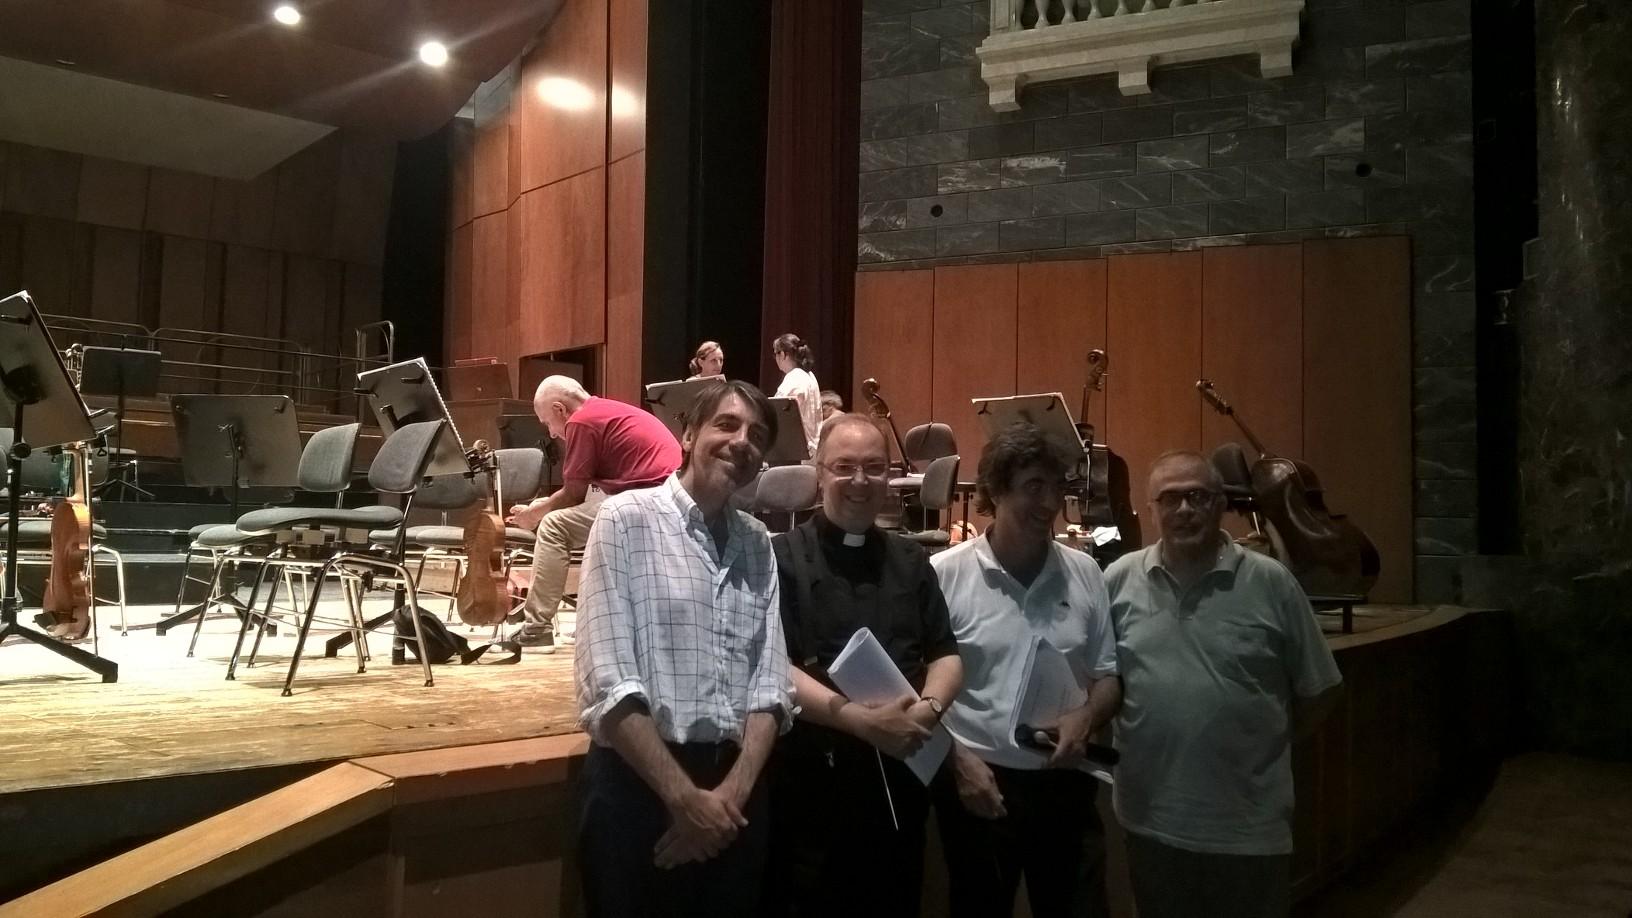 Da sinistra Gianfranco Giolfo, Mons. Marco Frisina, Giovanni Porcile, Fabrizio Fancello